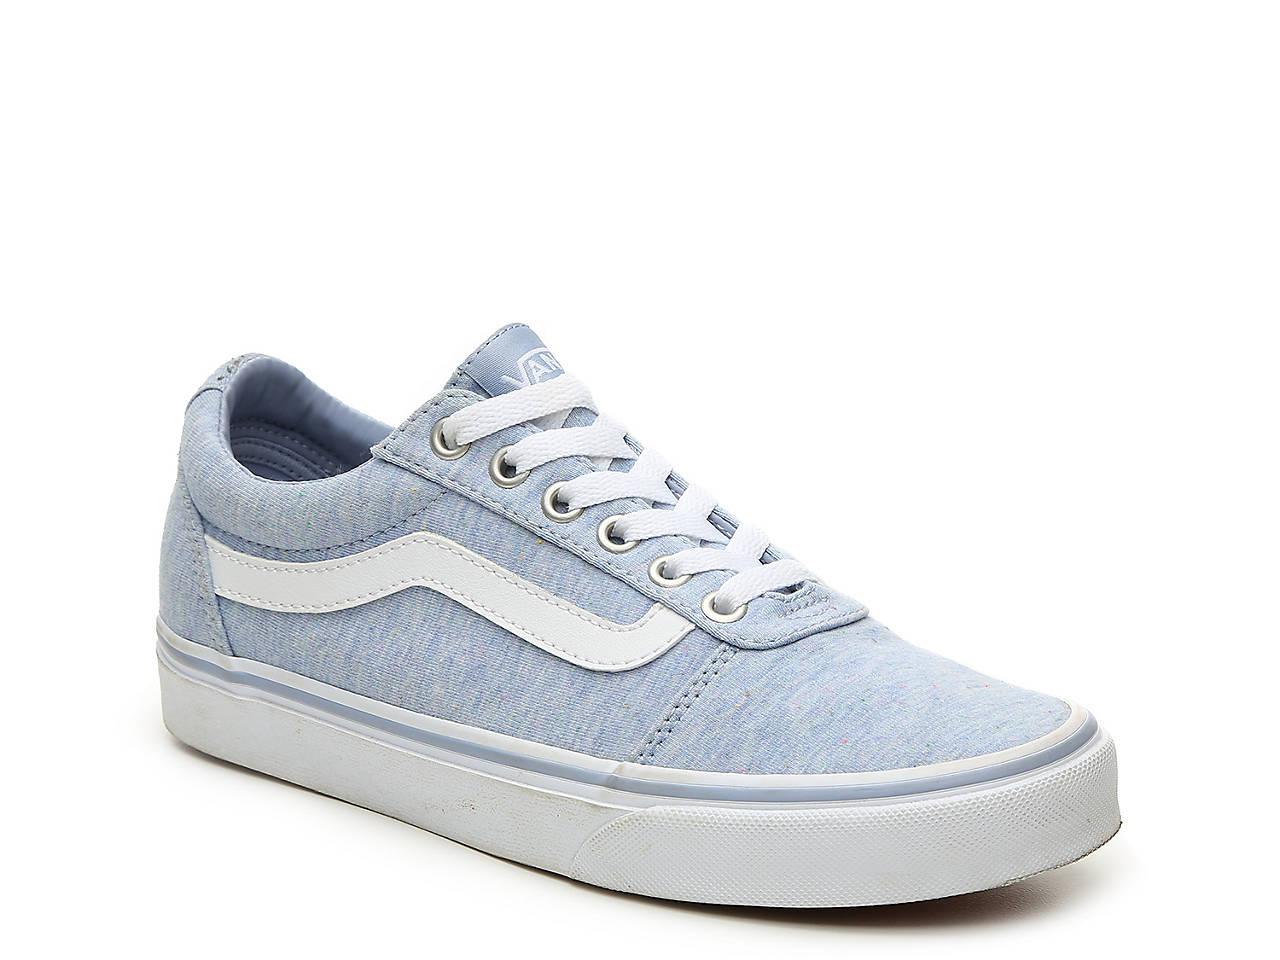 4c0f6a6c904 Vans Ward Lo Speckle Sneaker - Women s Women s Shoes